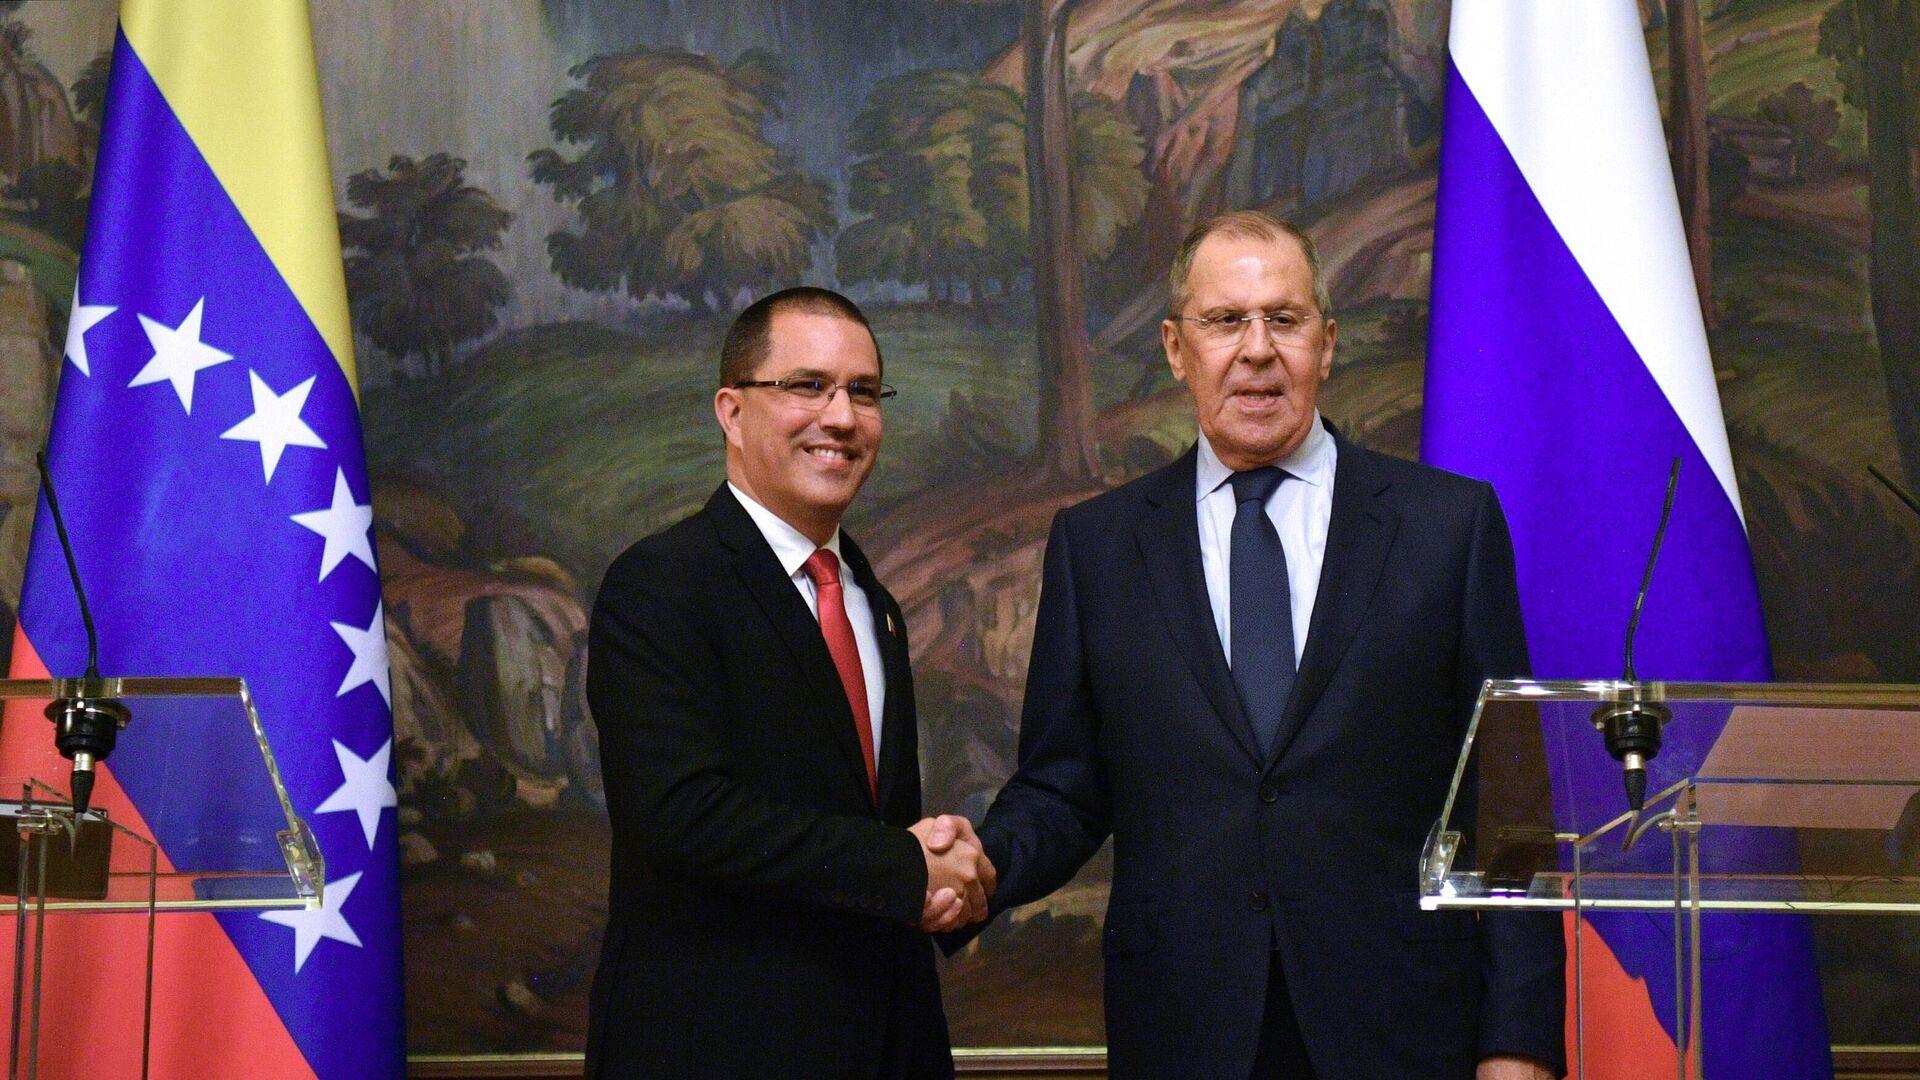 Il ministro degli Esteri russo Sergey Lavrov ha tenuto le trattative con  il capo della diplomazia venezuelana Jorge Arreaza - Sputnik Italia, 1920, 22.06.2021